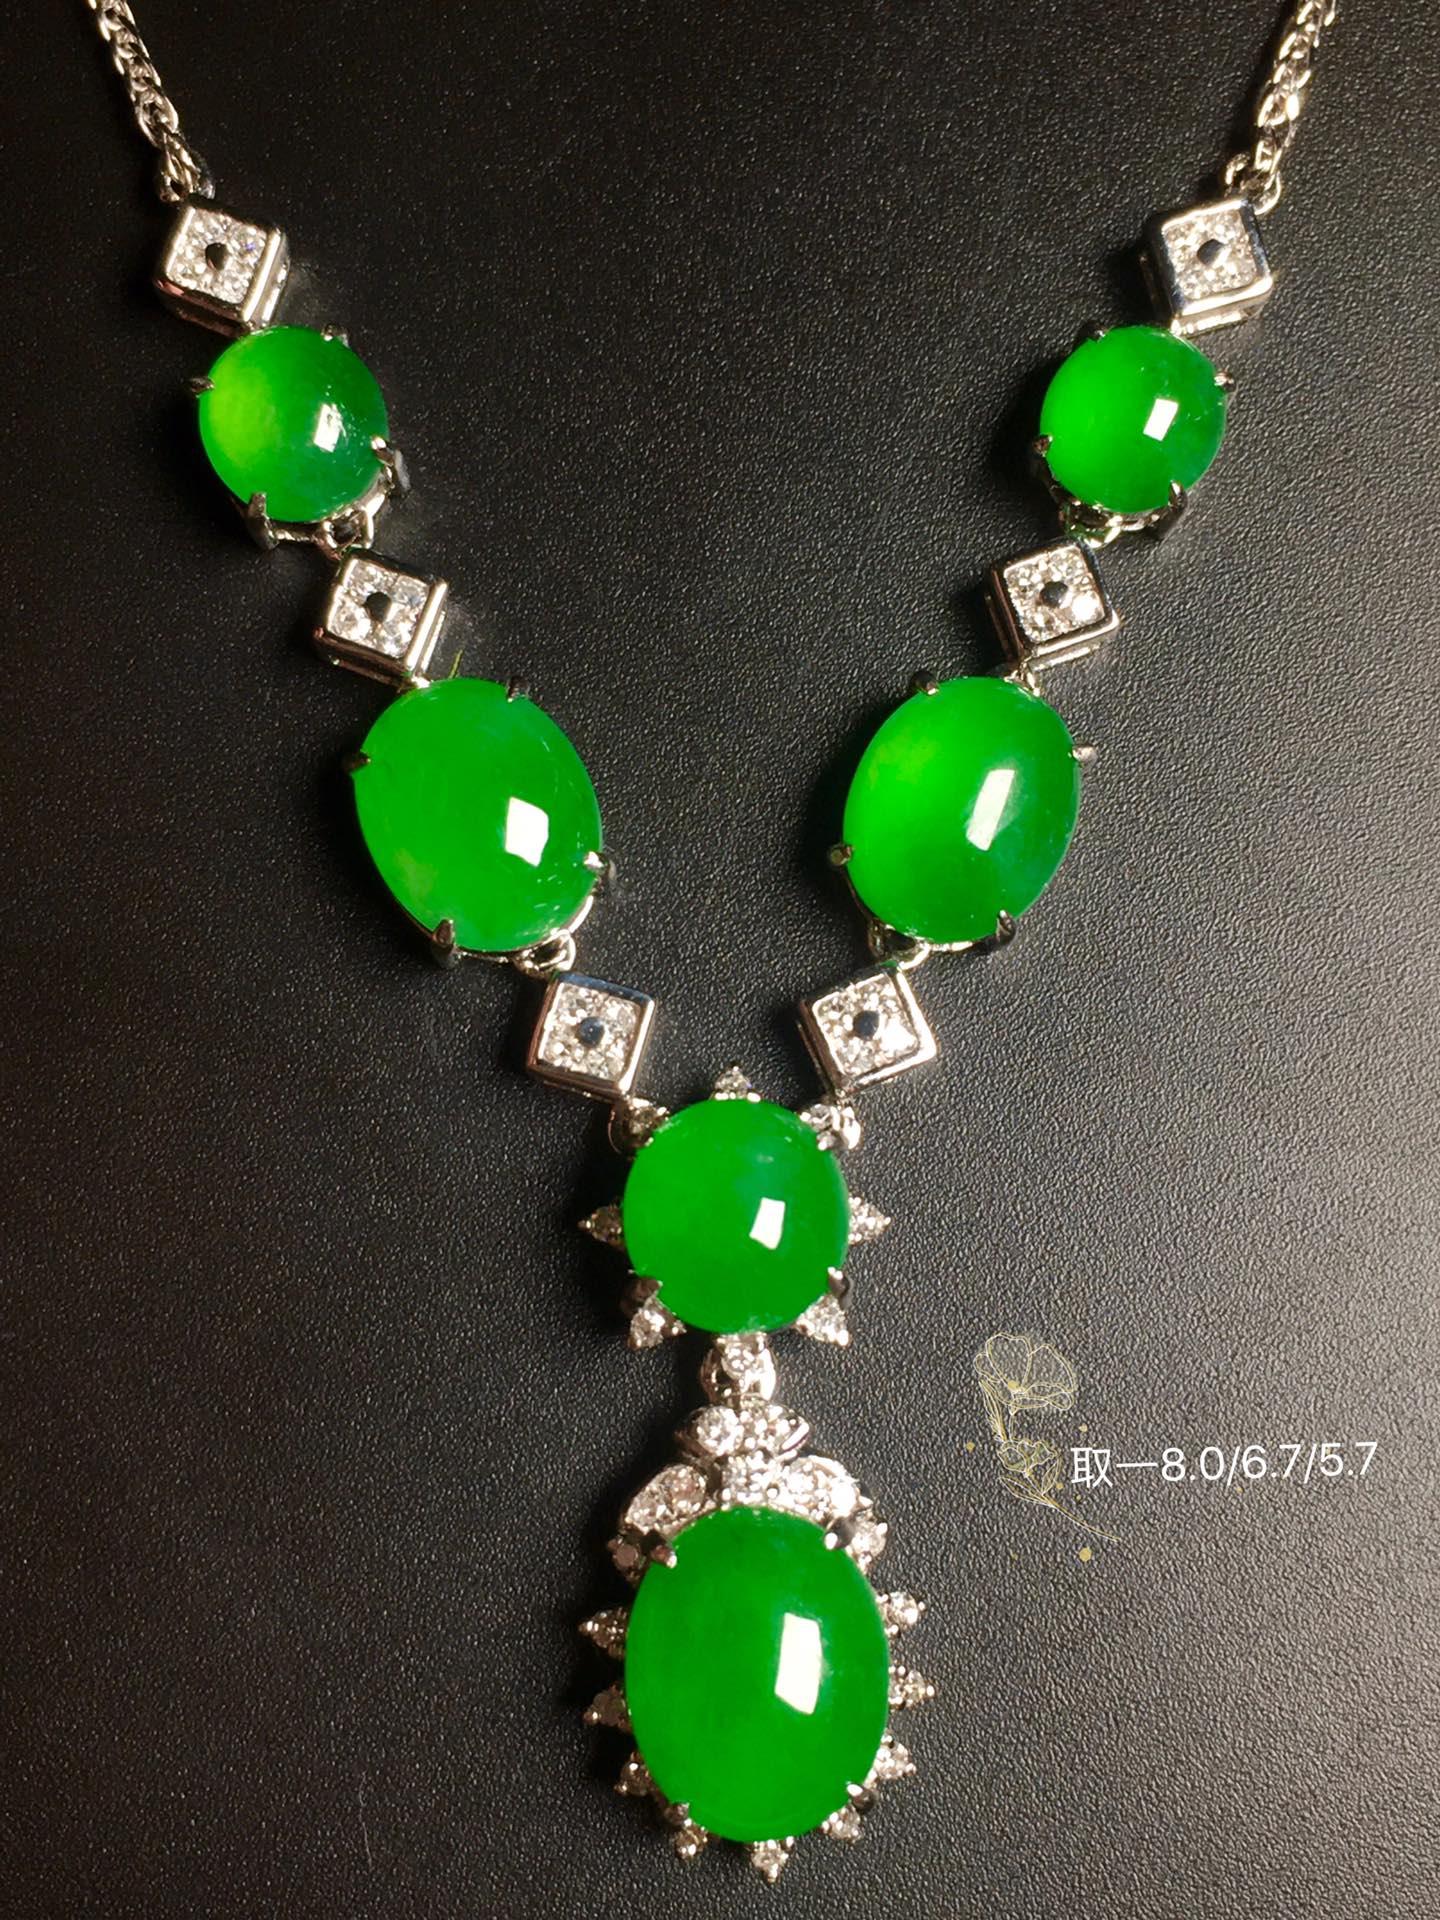 高冰陽綠綠蛋項鏈,18k金奢華鉆石鑲嵌